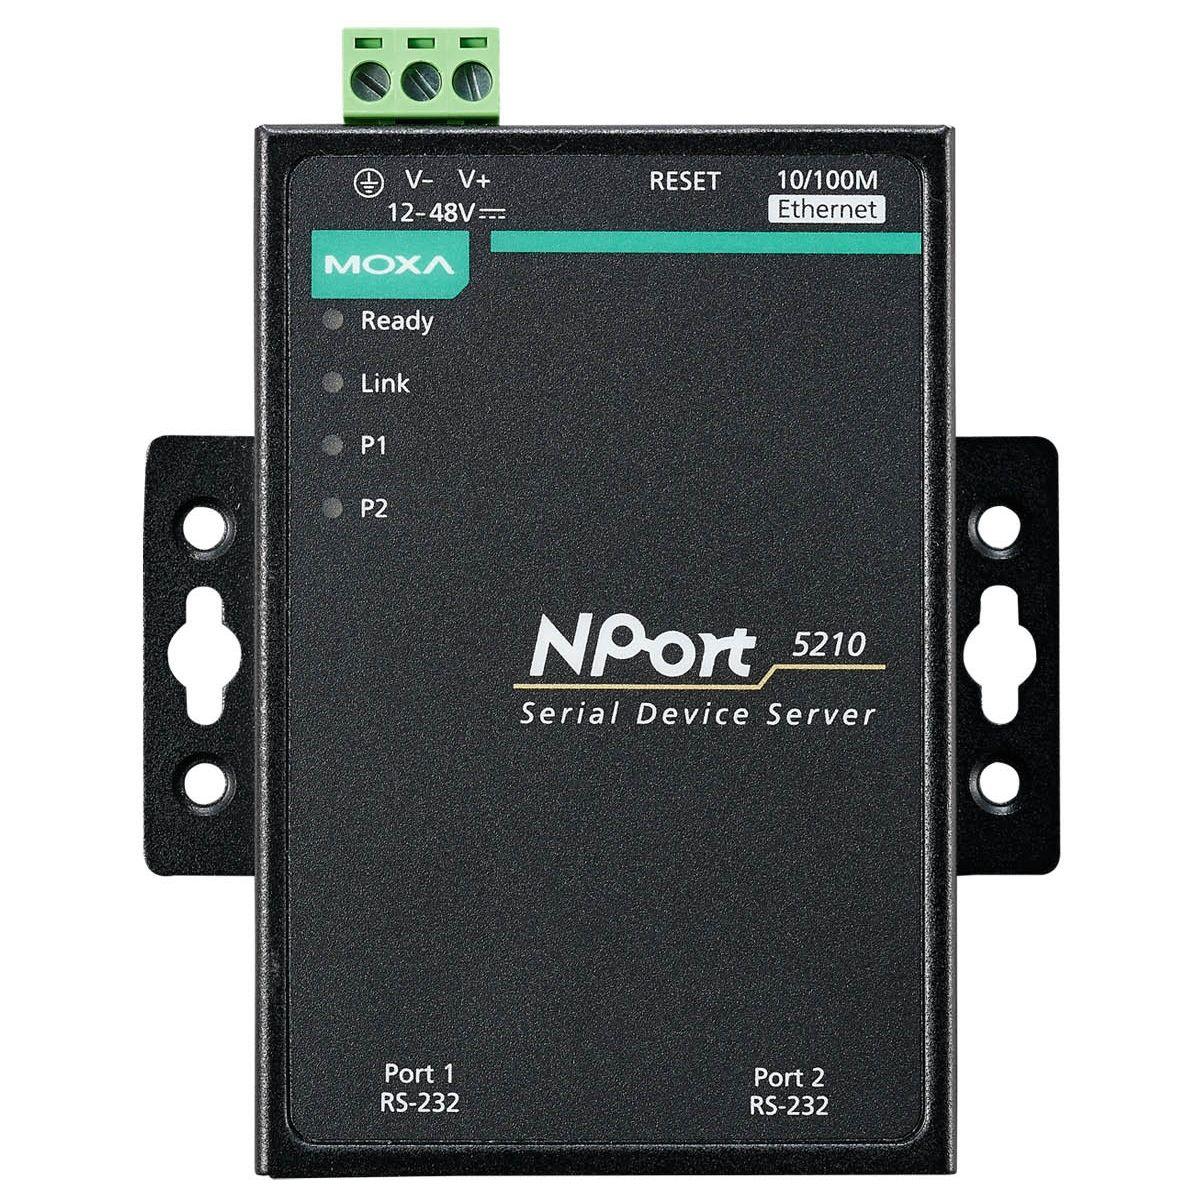 NPort 5210A